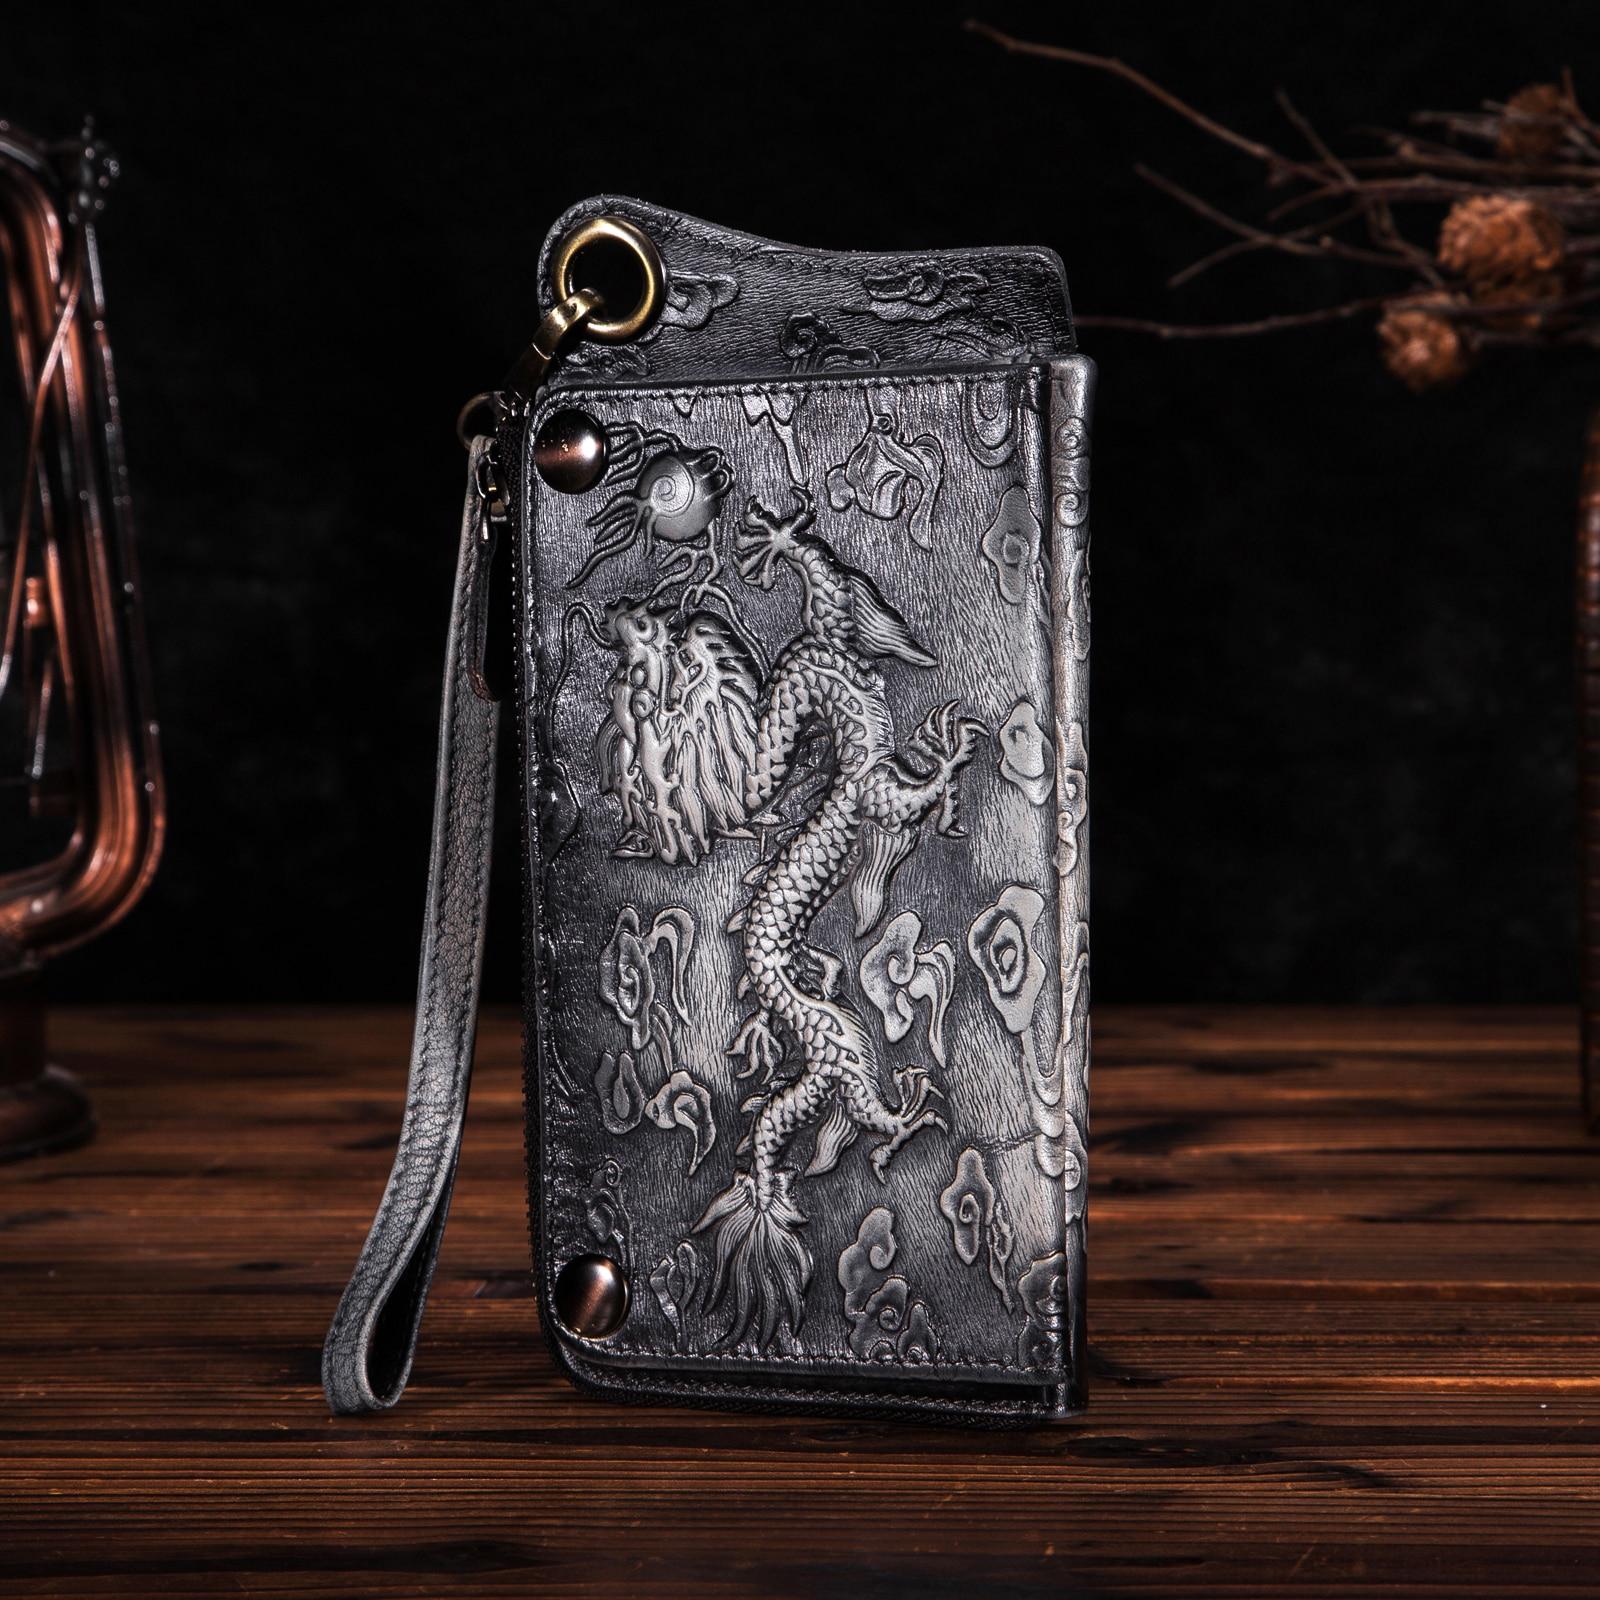 Unisex Genuine Quality Leather Fashion Brand Chain Checkbook Zipper Around Organizer Wallet Purse Design Clutch Handbag Ck001bd